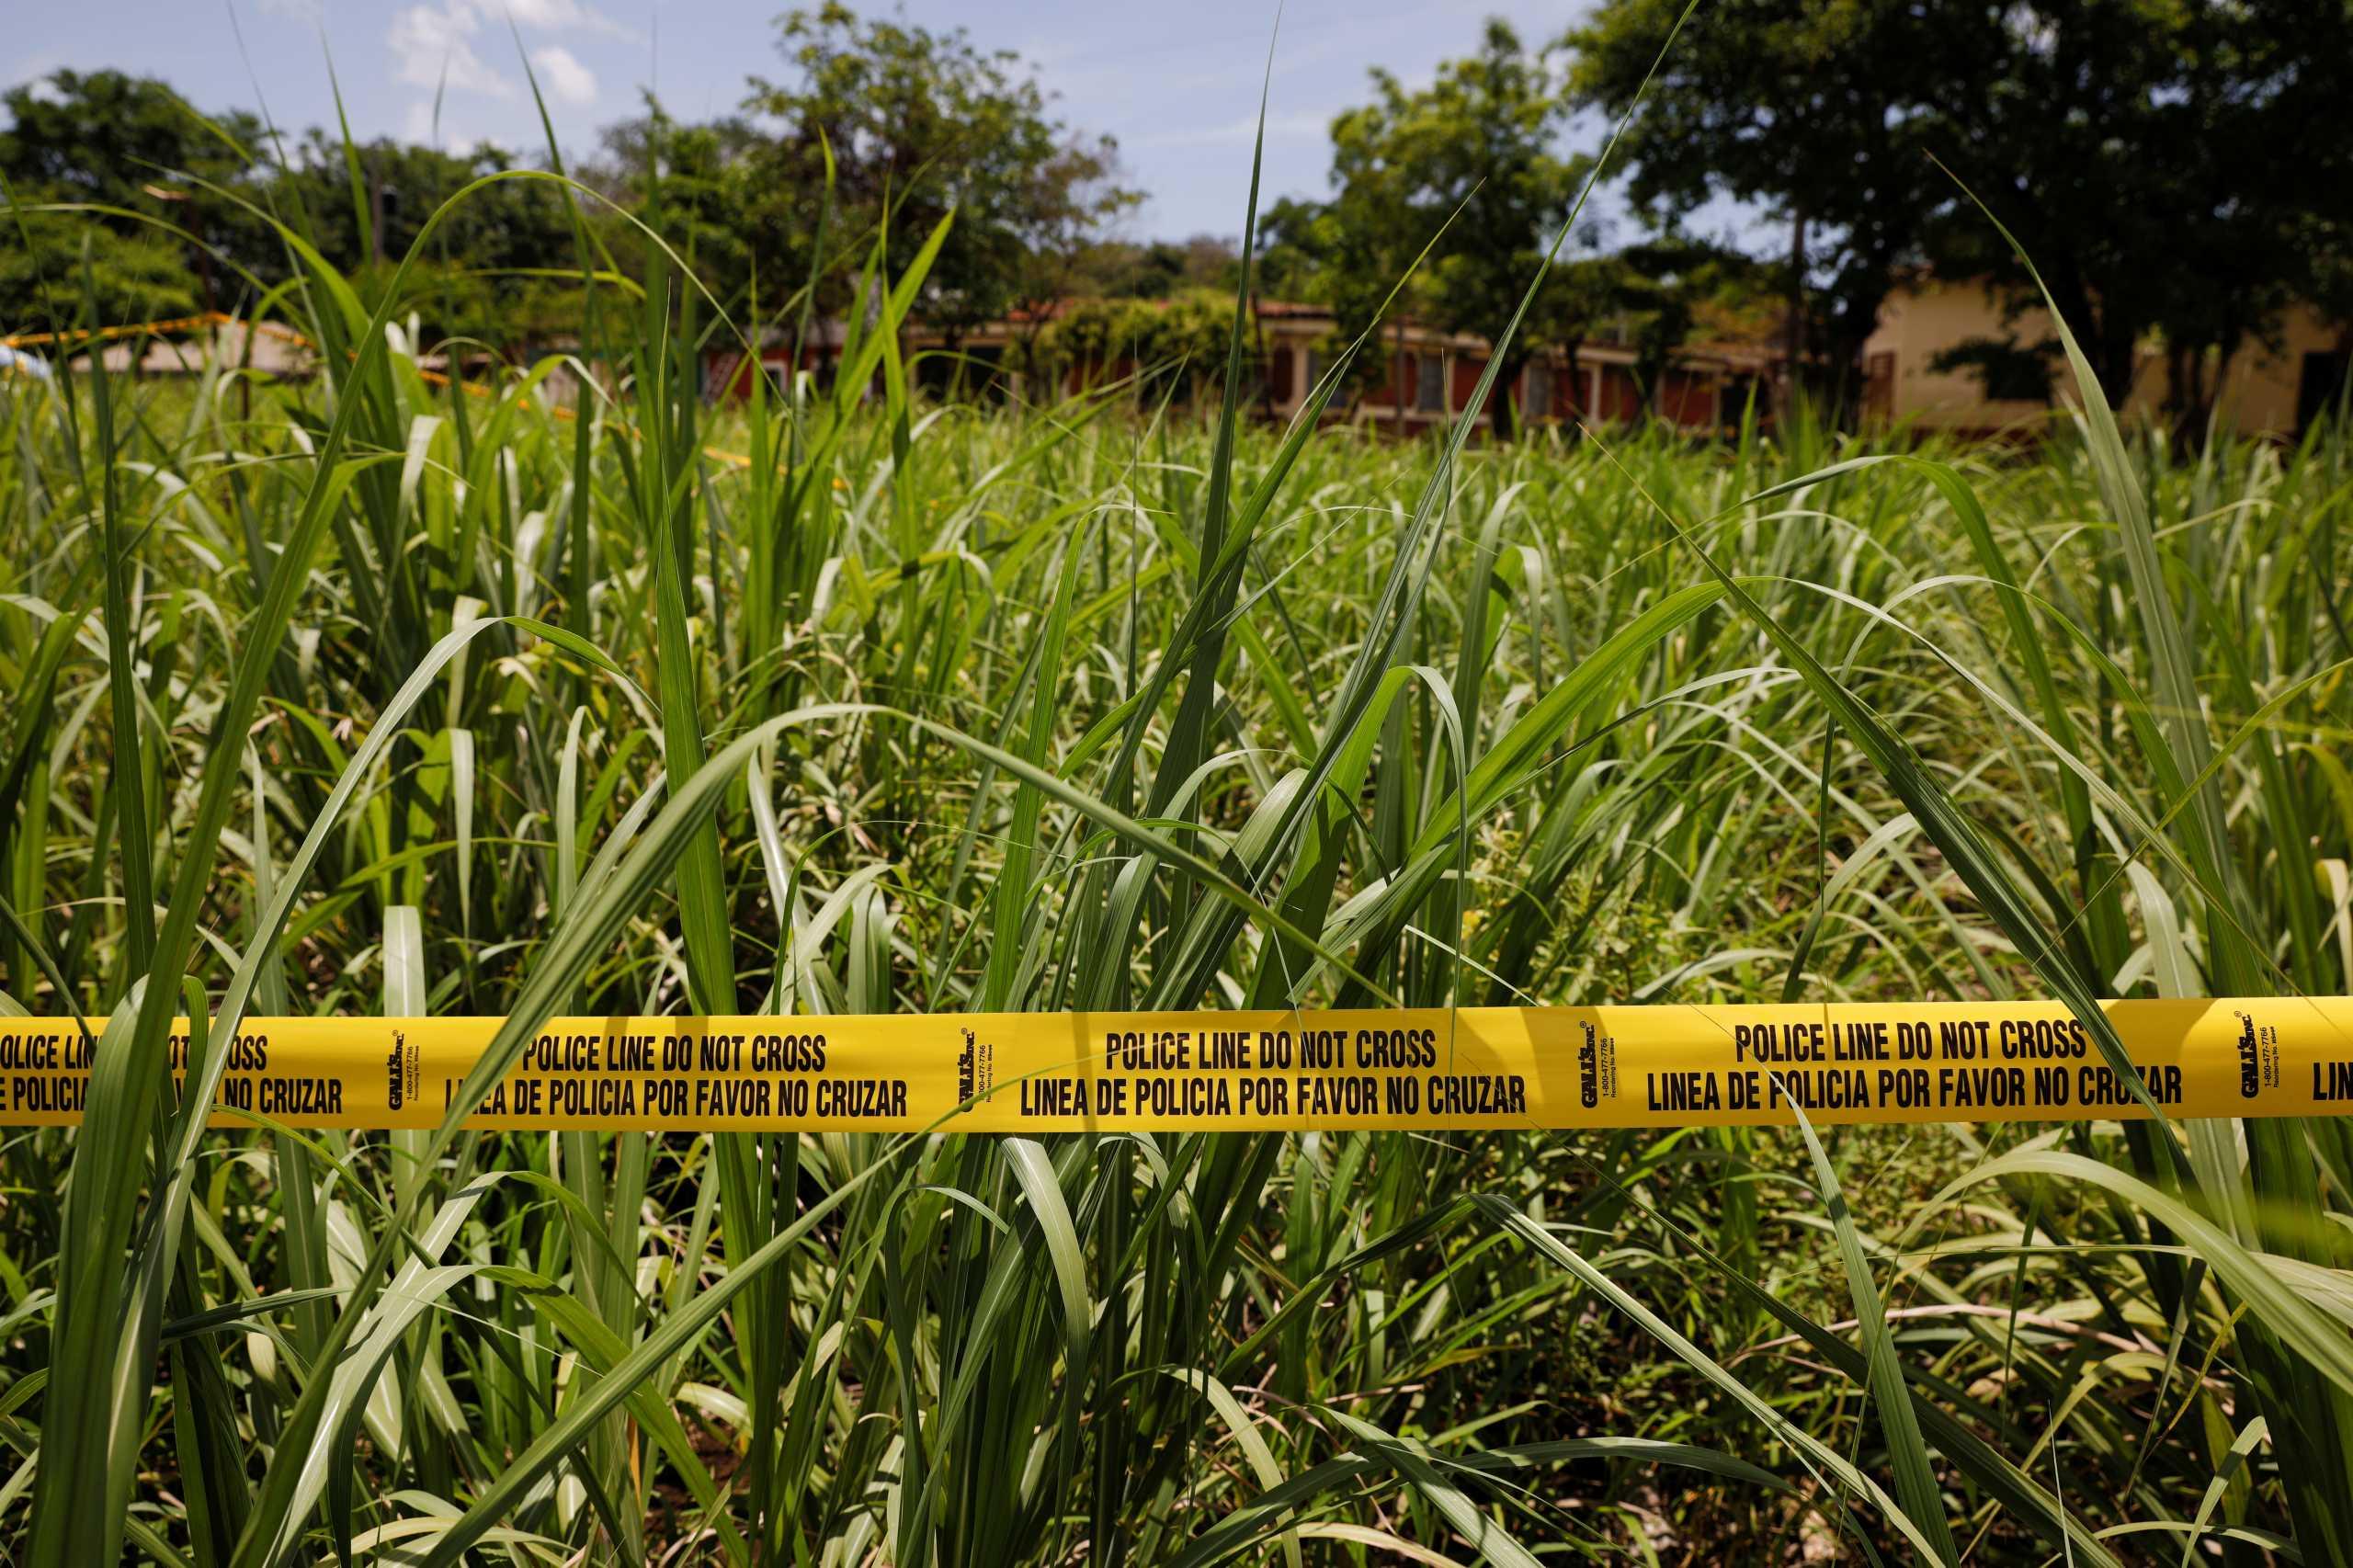 Ο Ψυχοπαθής Αστυνομικός: Βρέθηκαν 18 πτώματα και ακόμα ψάχνουν για περισσότερα